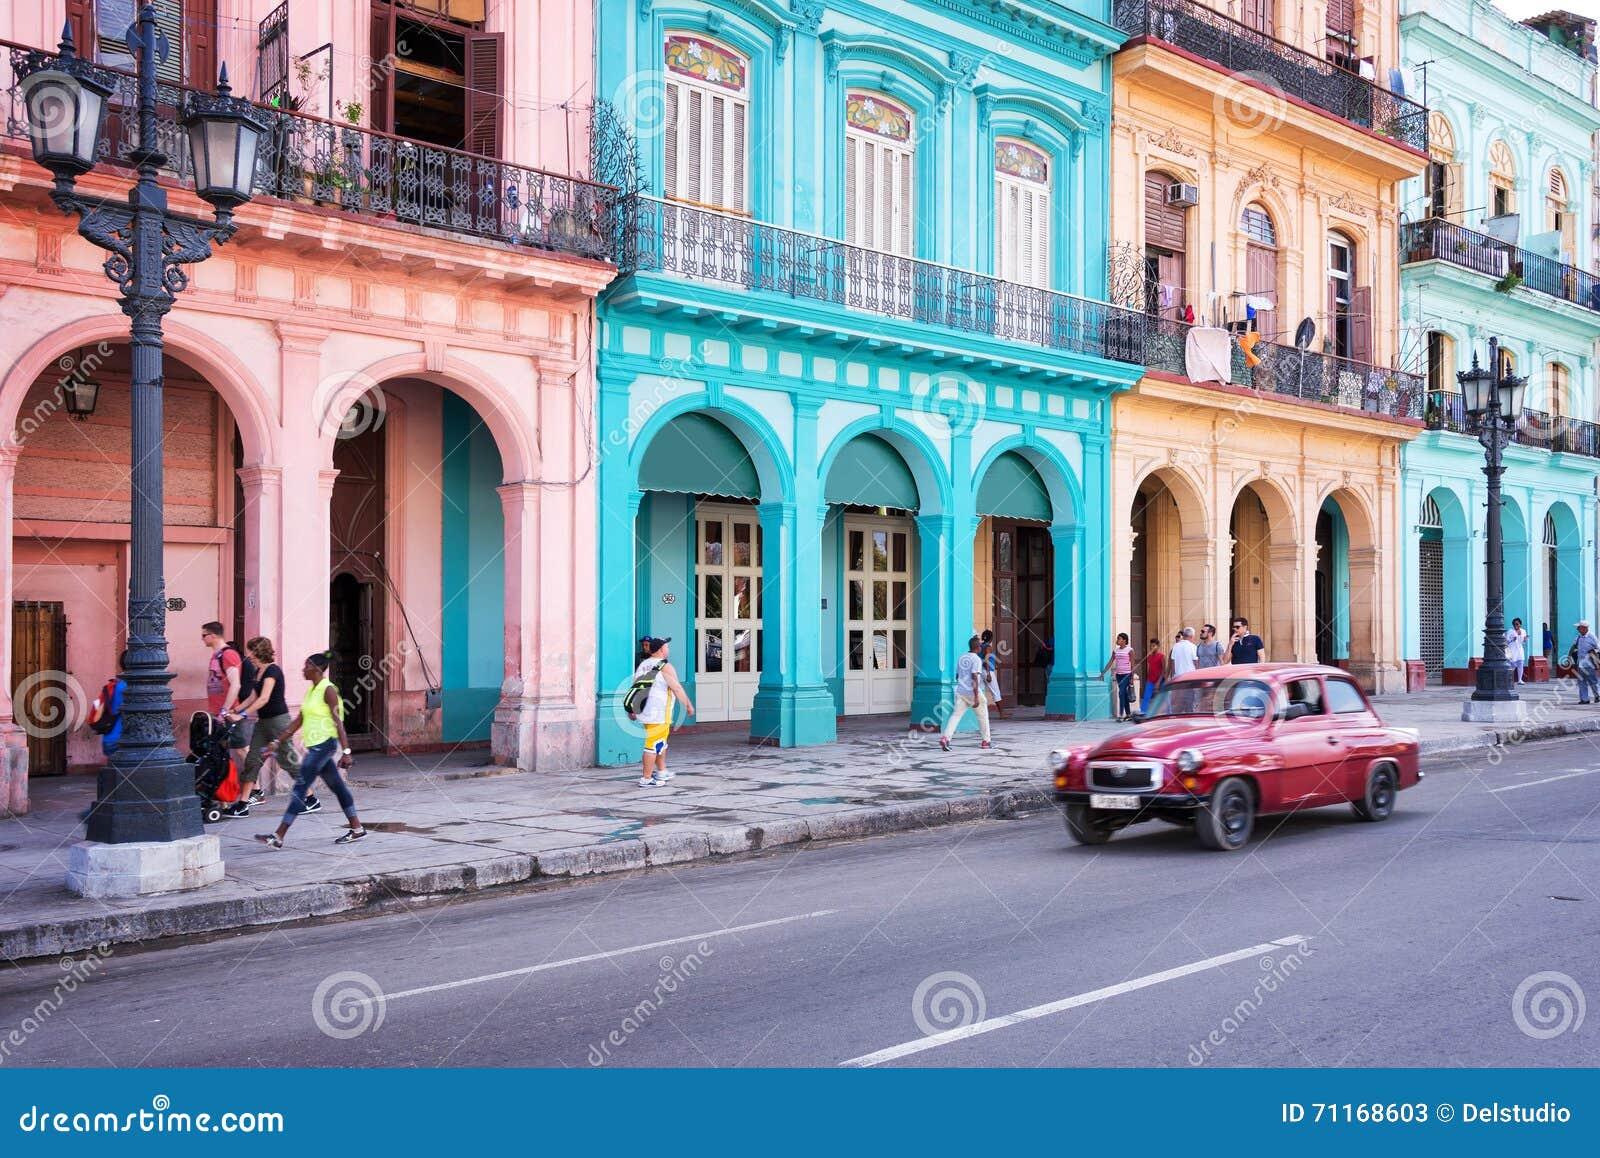 Voiture classique de vintage et bâtiments coloniaux colorés dans la rue principale de vieille La Havane